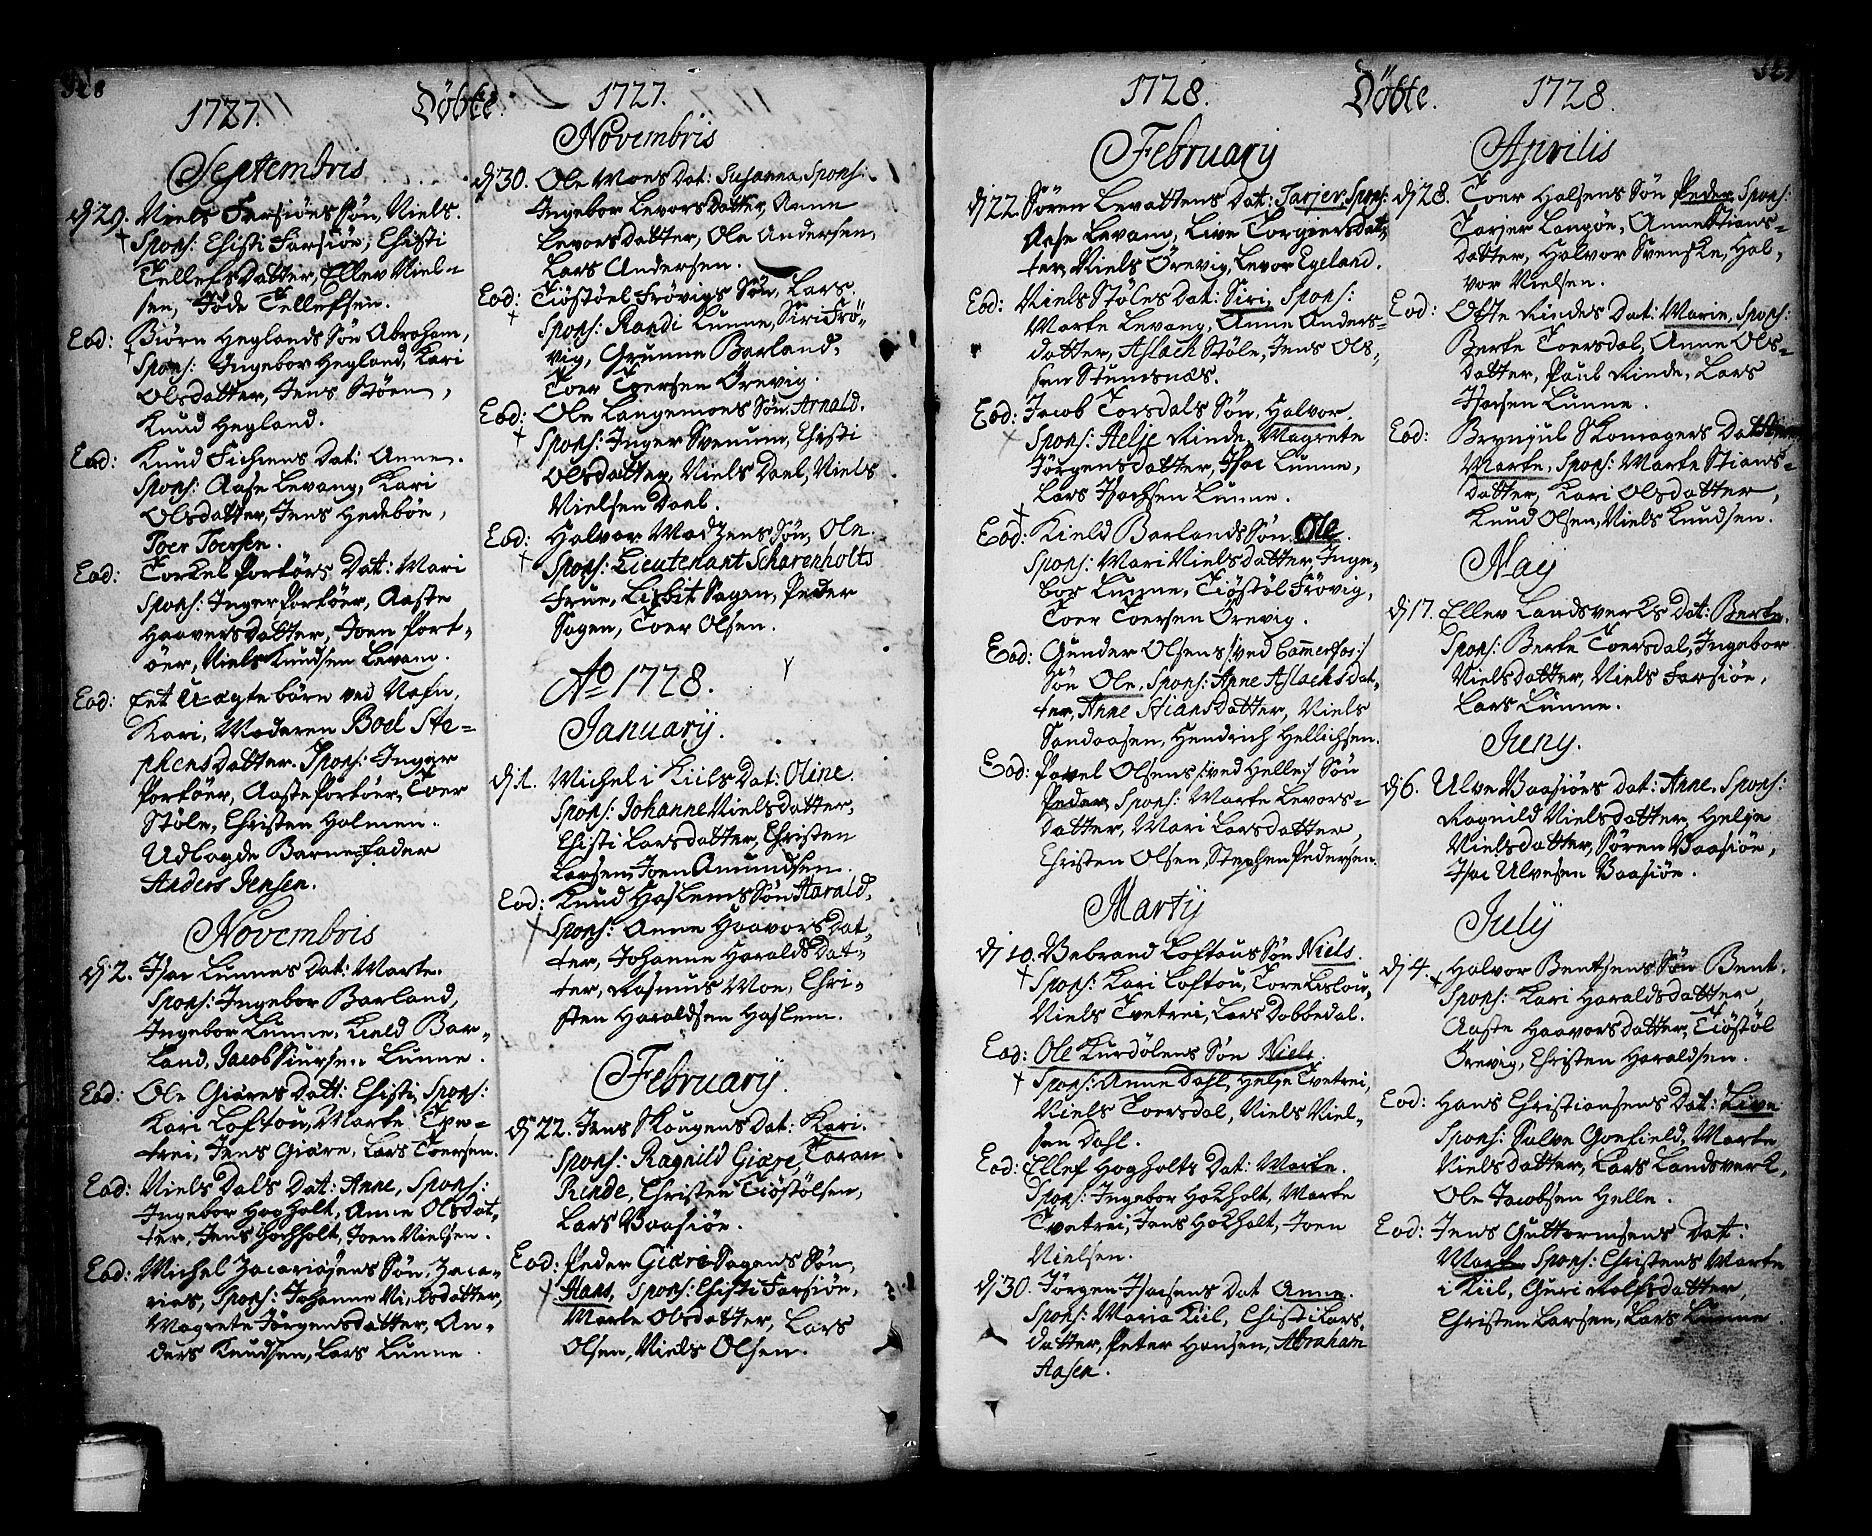 SAKO, Sannidal kirkebøker, F/Fa/L0001: Ministerialbok nr. 1, 1702-1766, s. 128-129